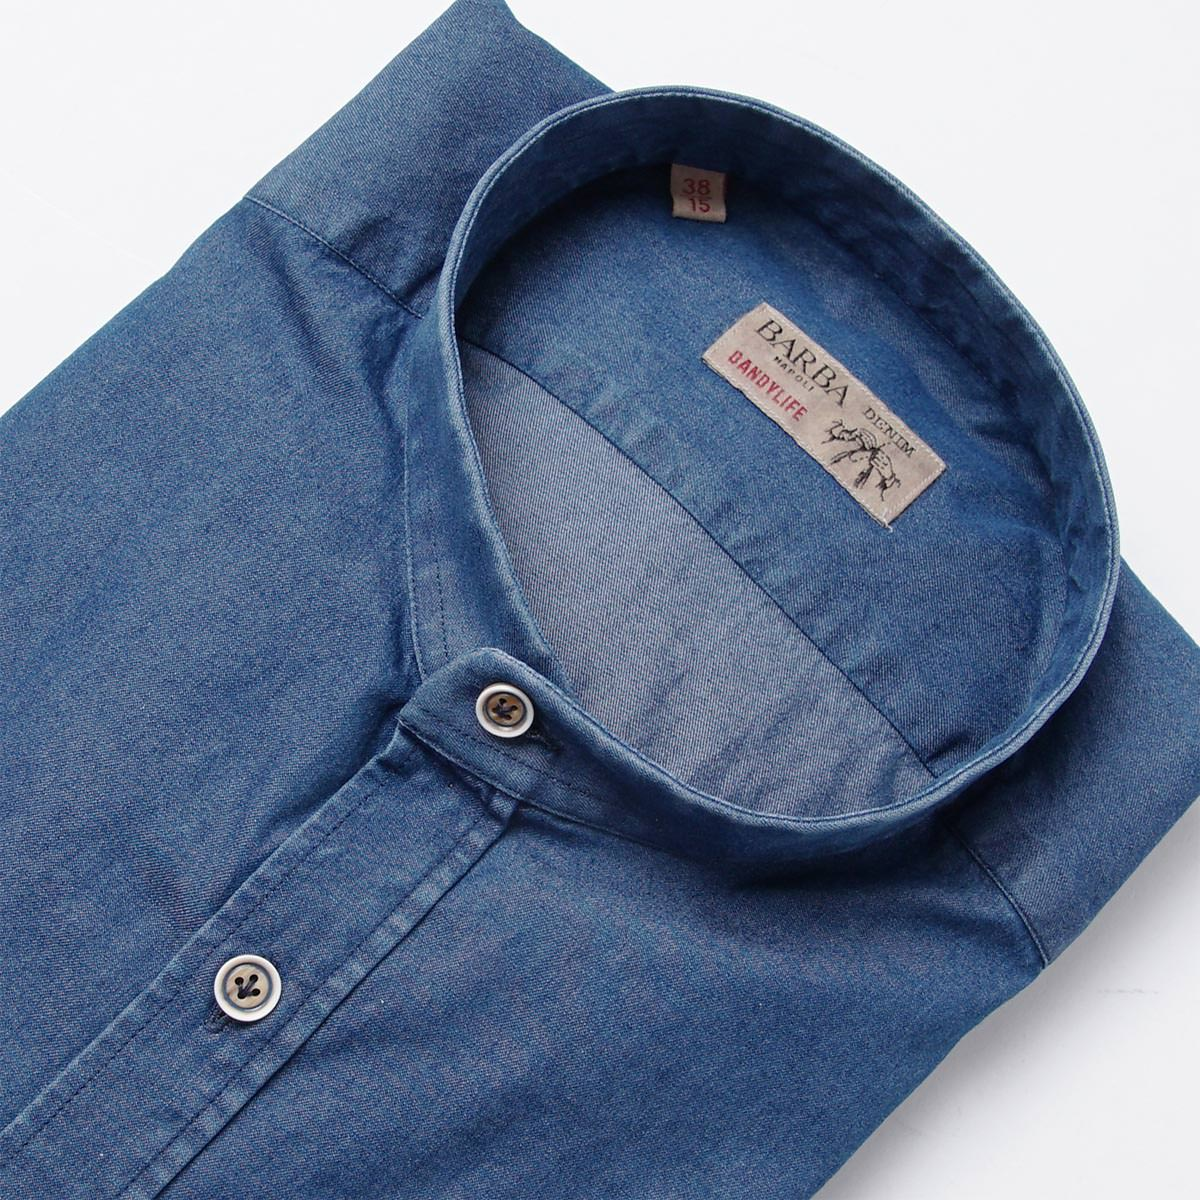 バルバBARBA スタンドカラーシャツ